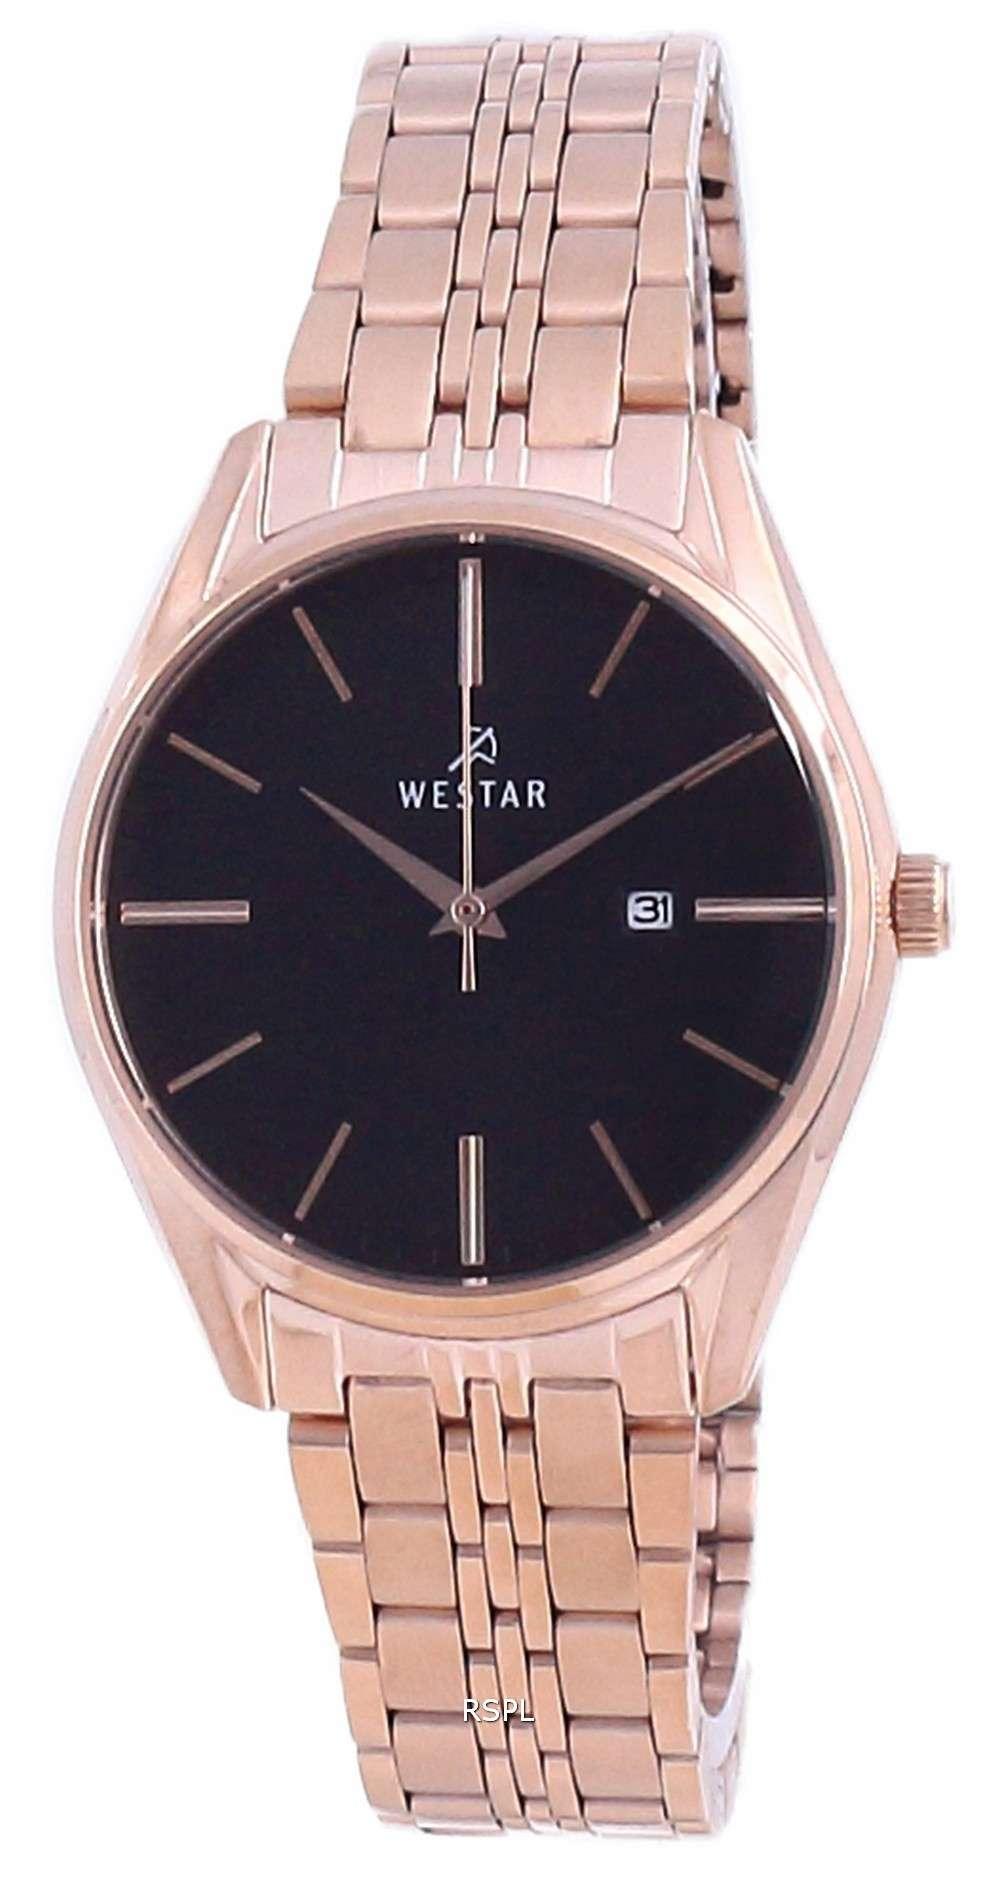 Westar, esfera negra, dos tonos, acero inoxidable, cuarzo 40210 PPN 603, reloj para mujer